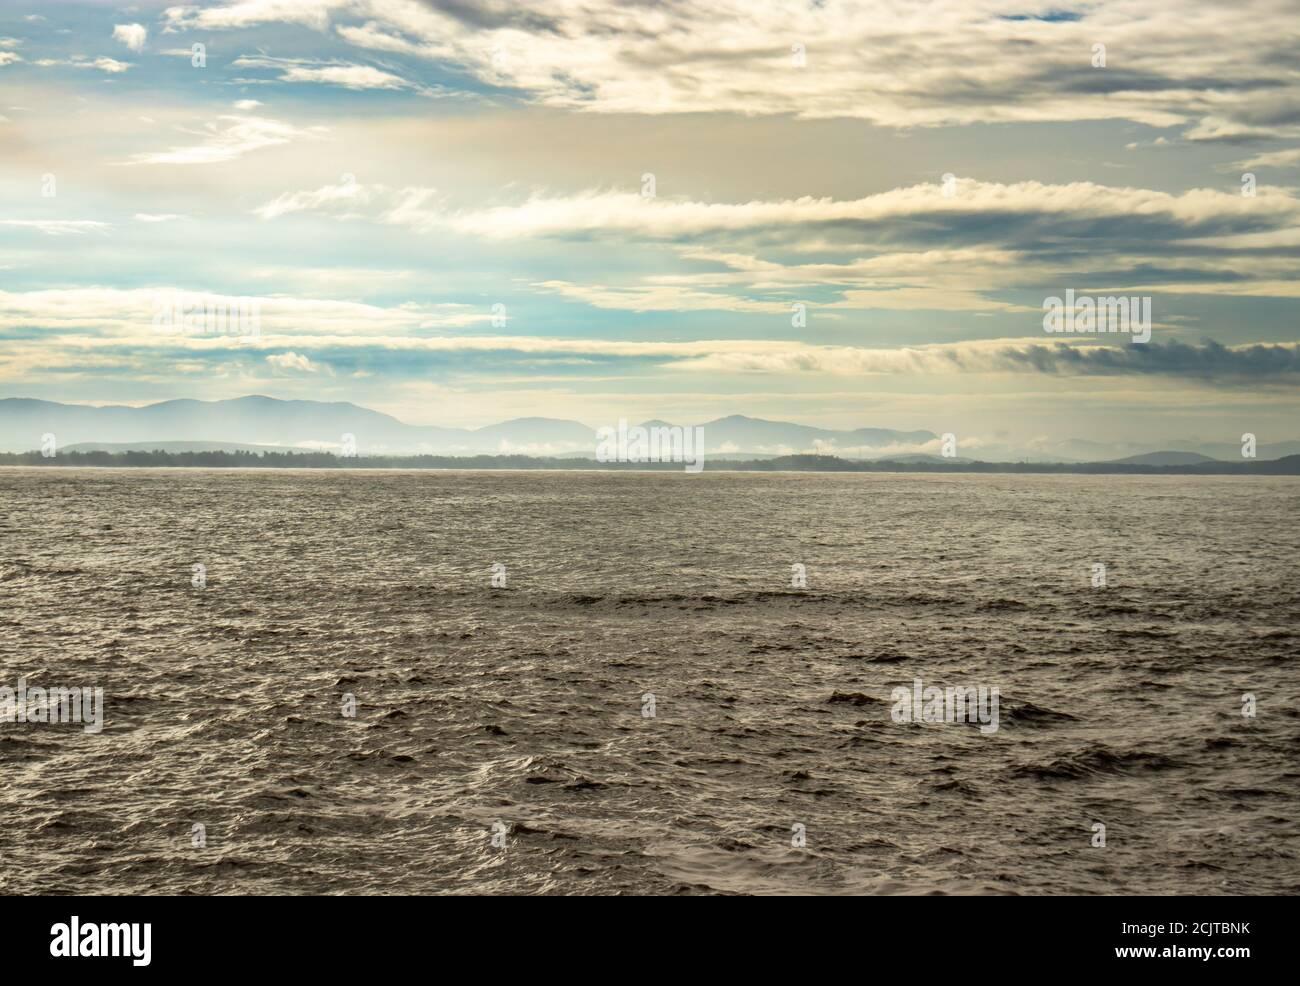 horizon de mer avec ciel étonnant le matin à partir de l'image d'angle plat est prise à om beach gokarna karnataka inde. c'est l'une des meilleures plages de gokarna. Banque D'Images